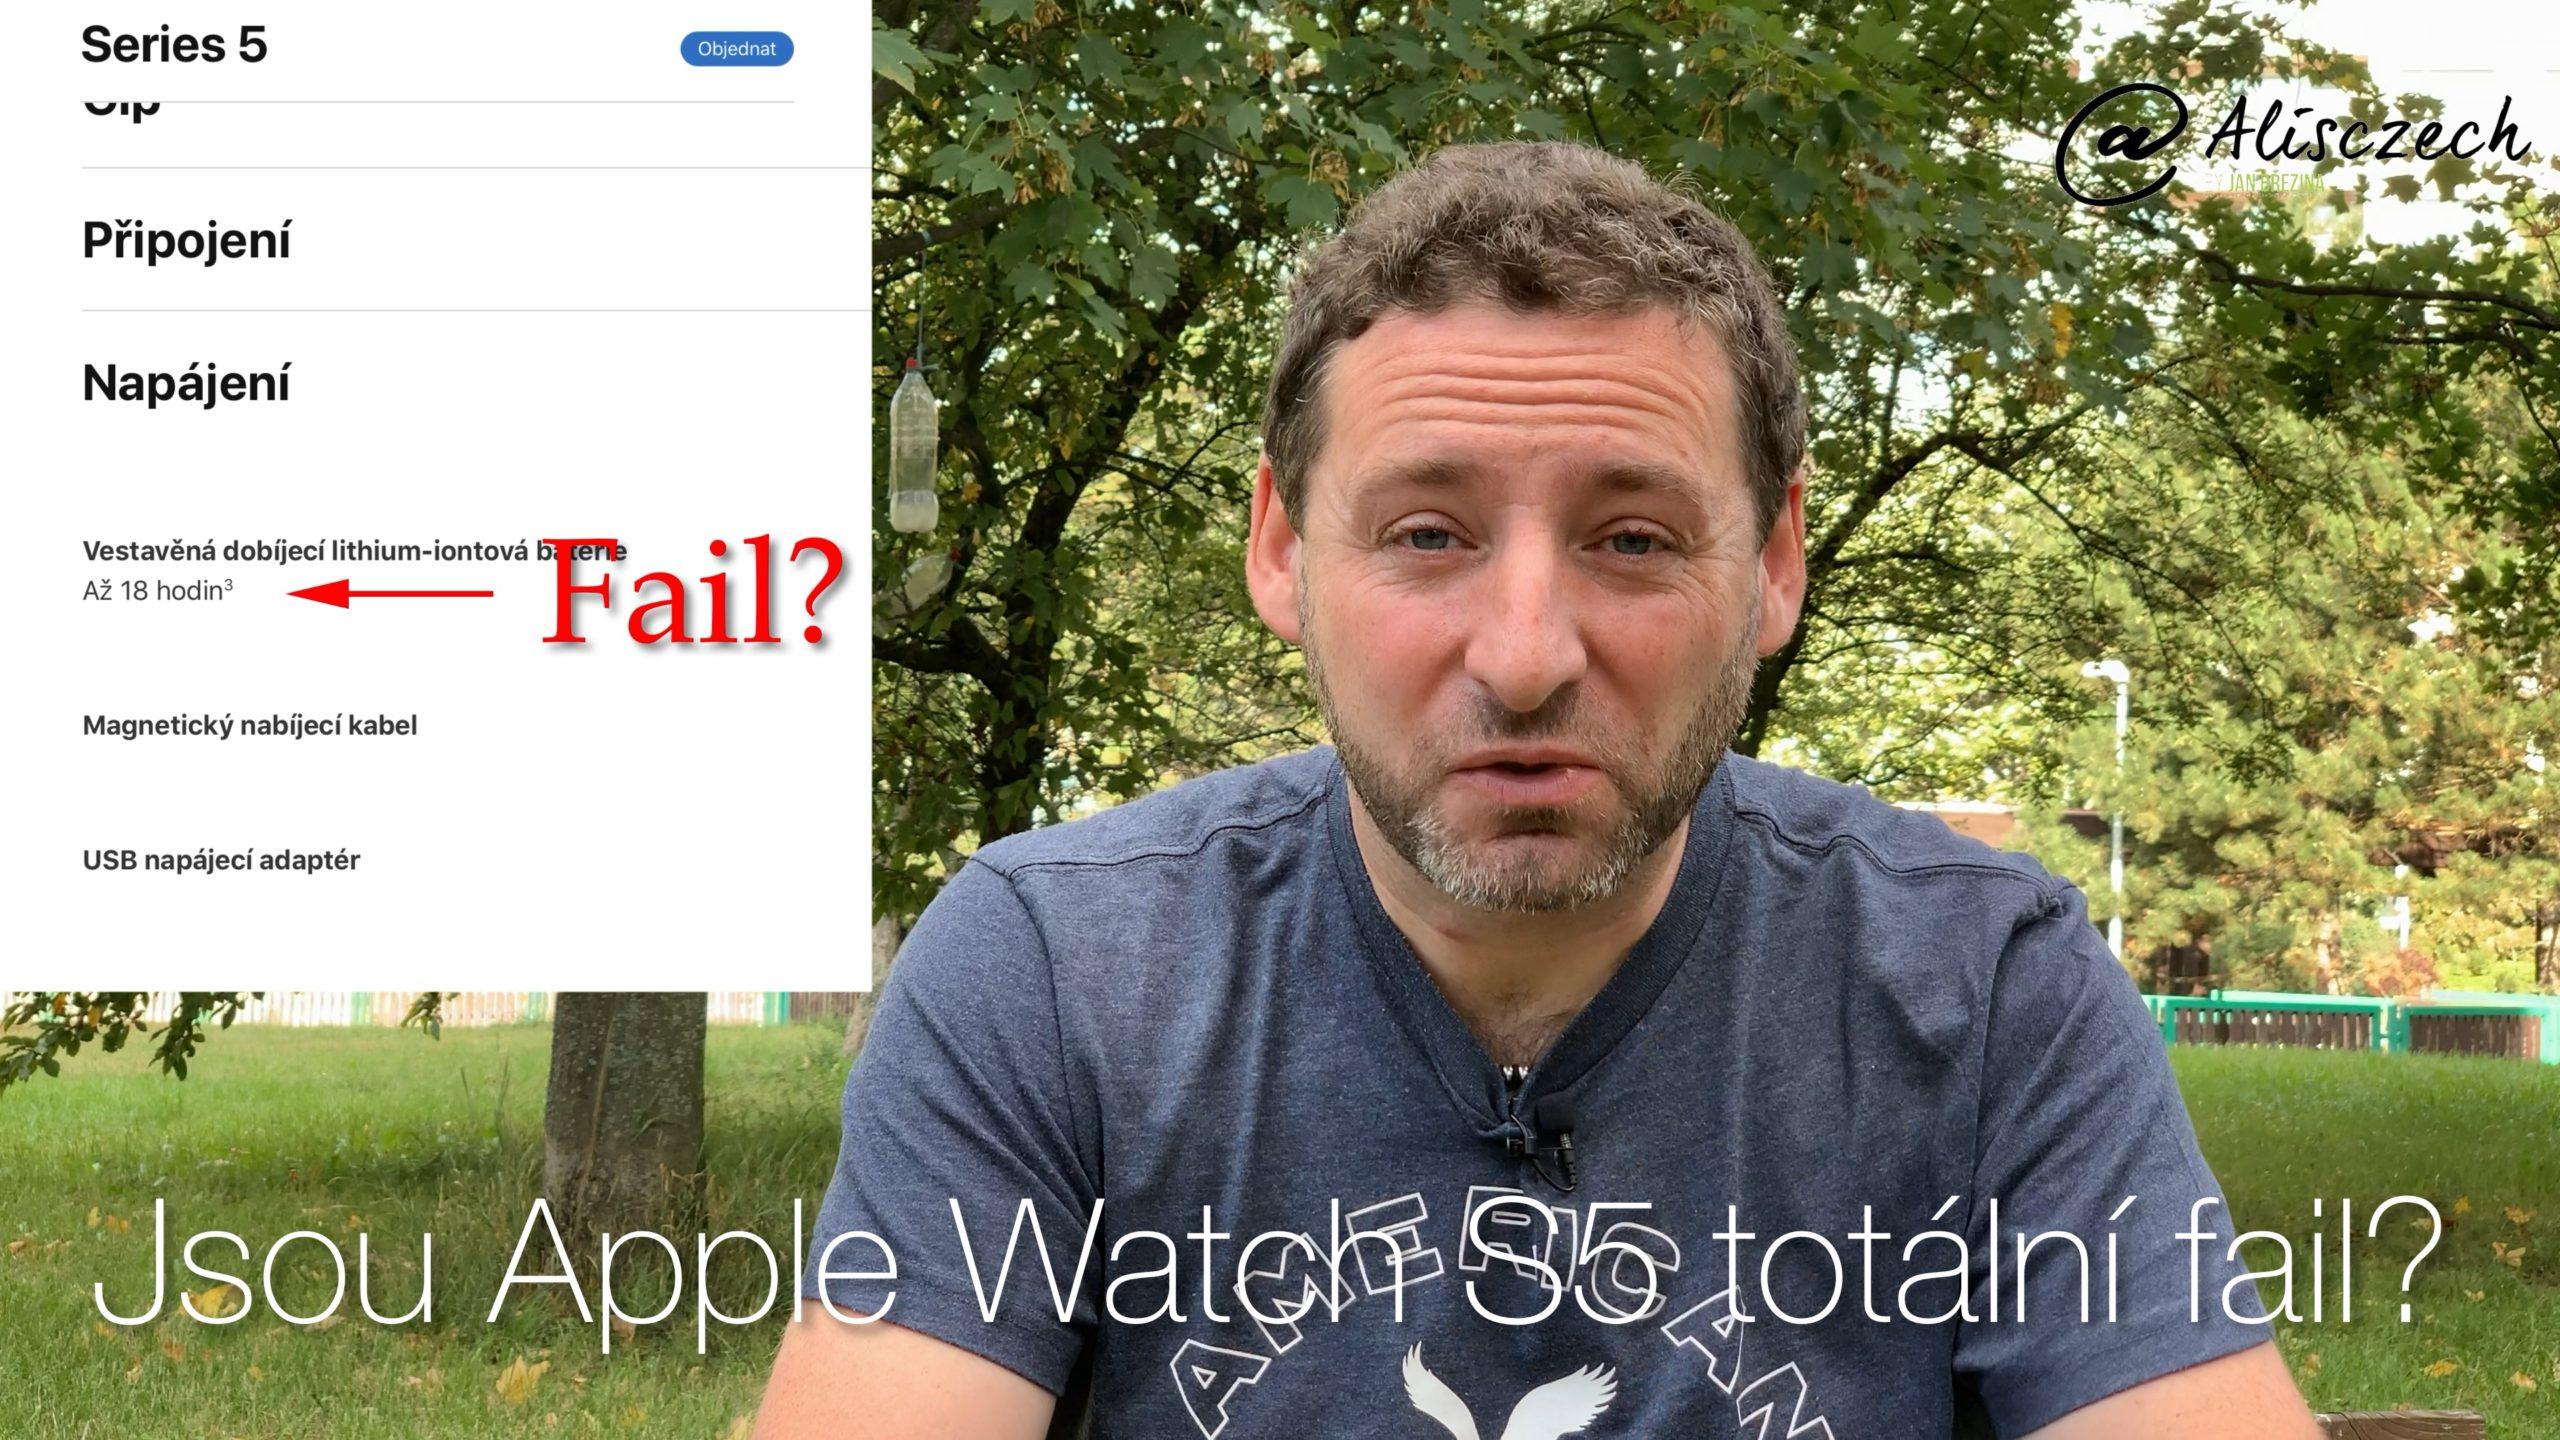 Jsou Apple Watch Series 5 totální fail? [4K] (Alisczech vol. 234)